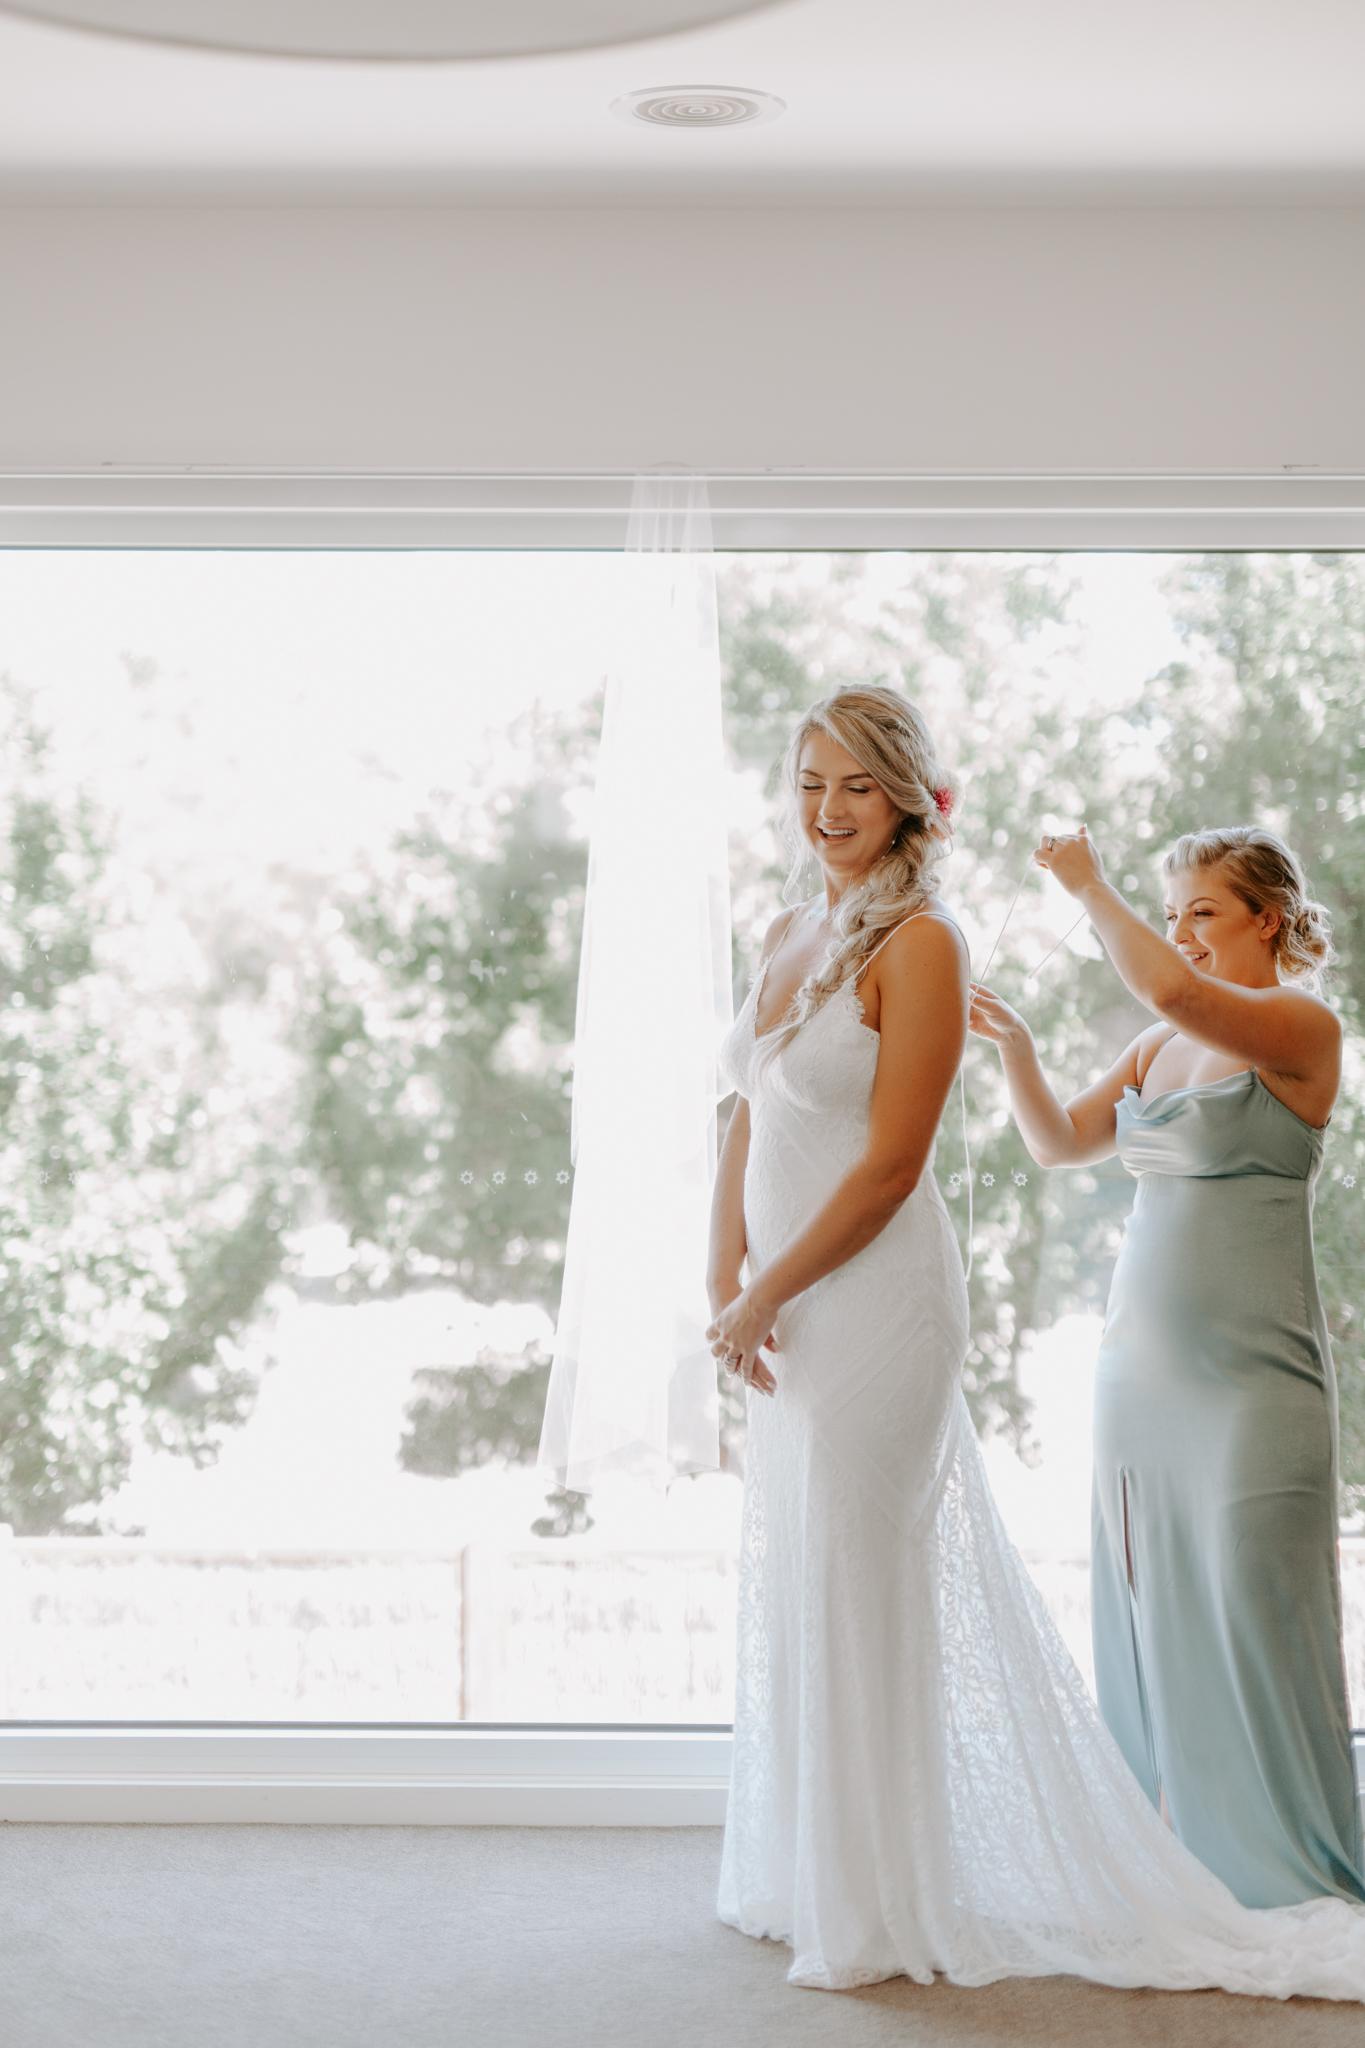 Barwon-heads-Geelong-Wedding-Emotionsandmath-023.jpg